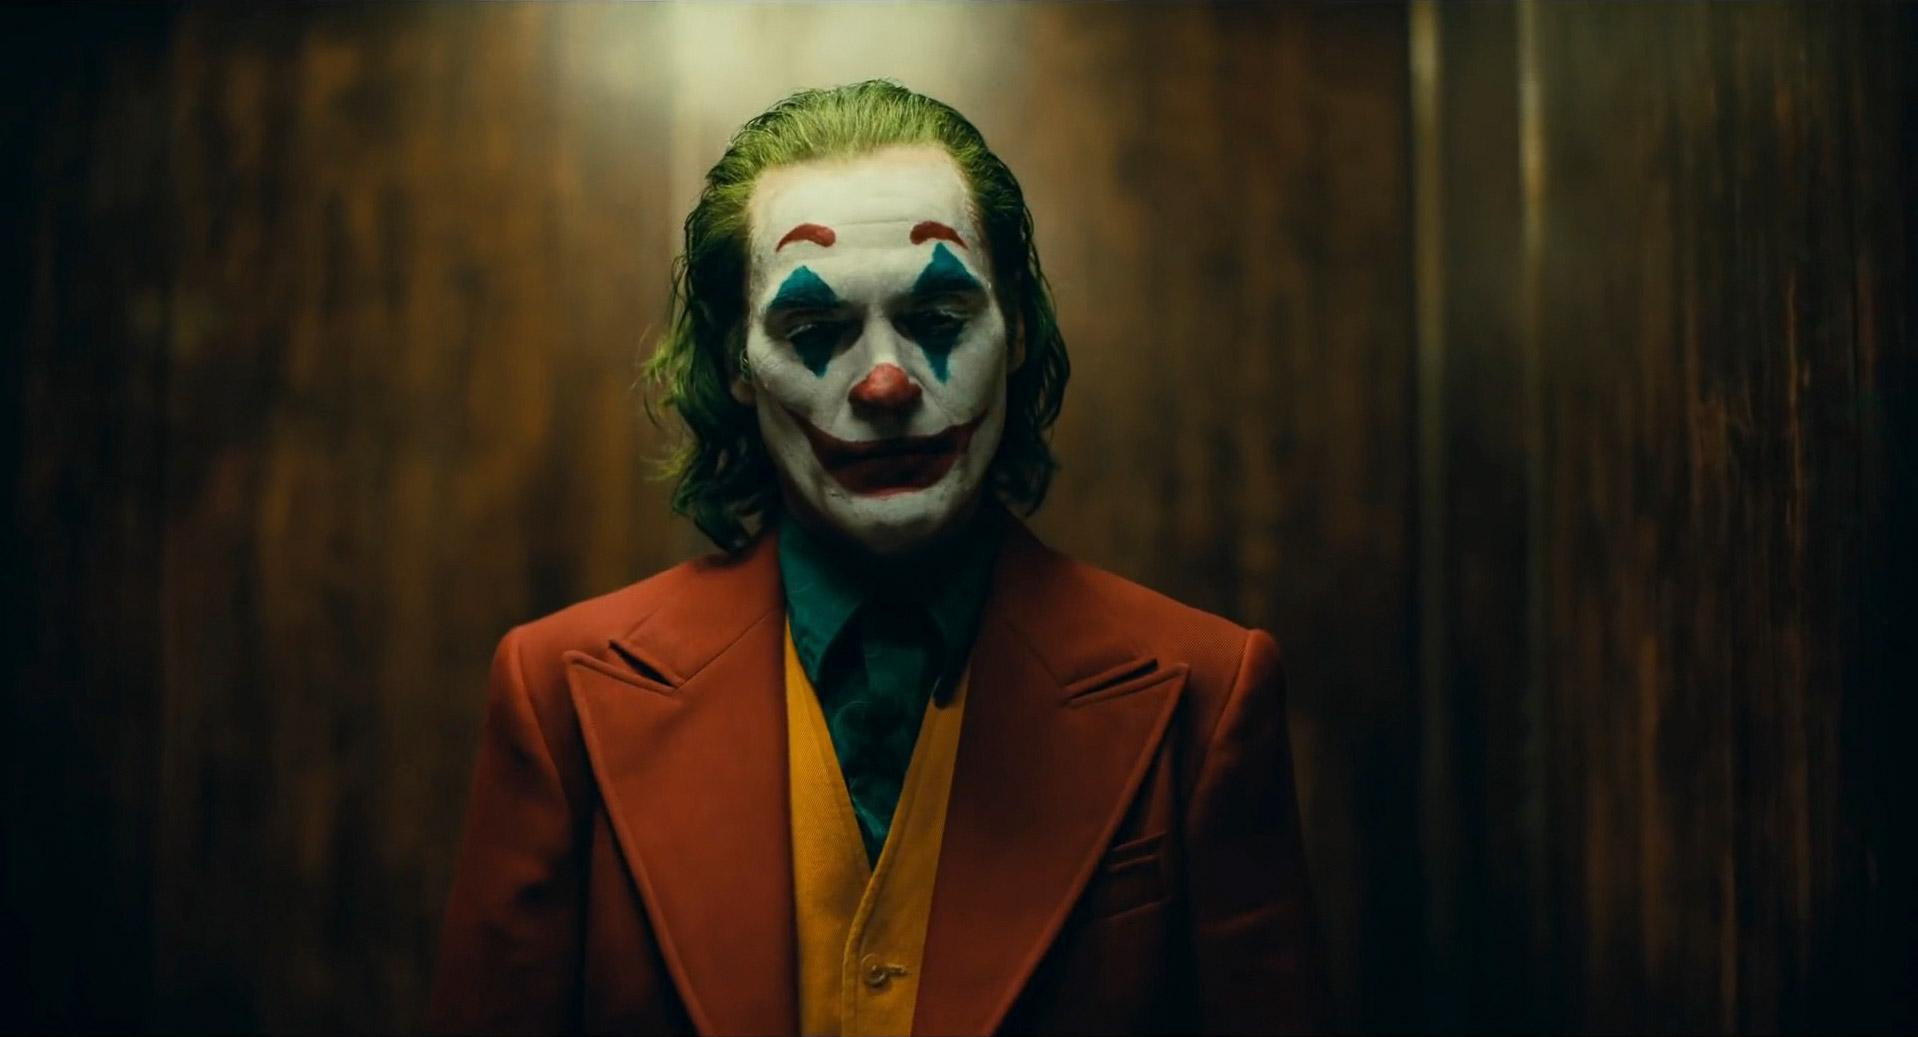 Joker_10.jpg